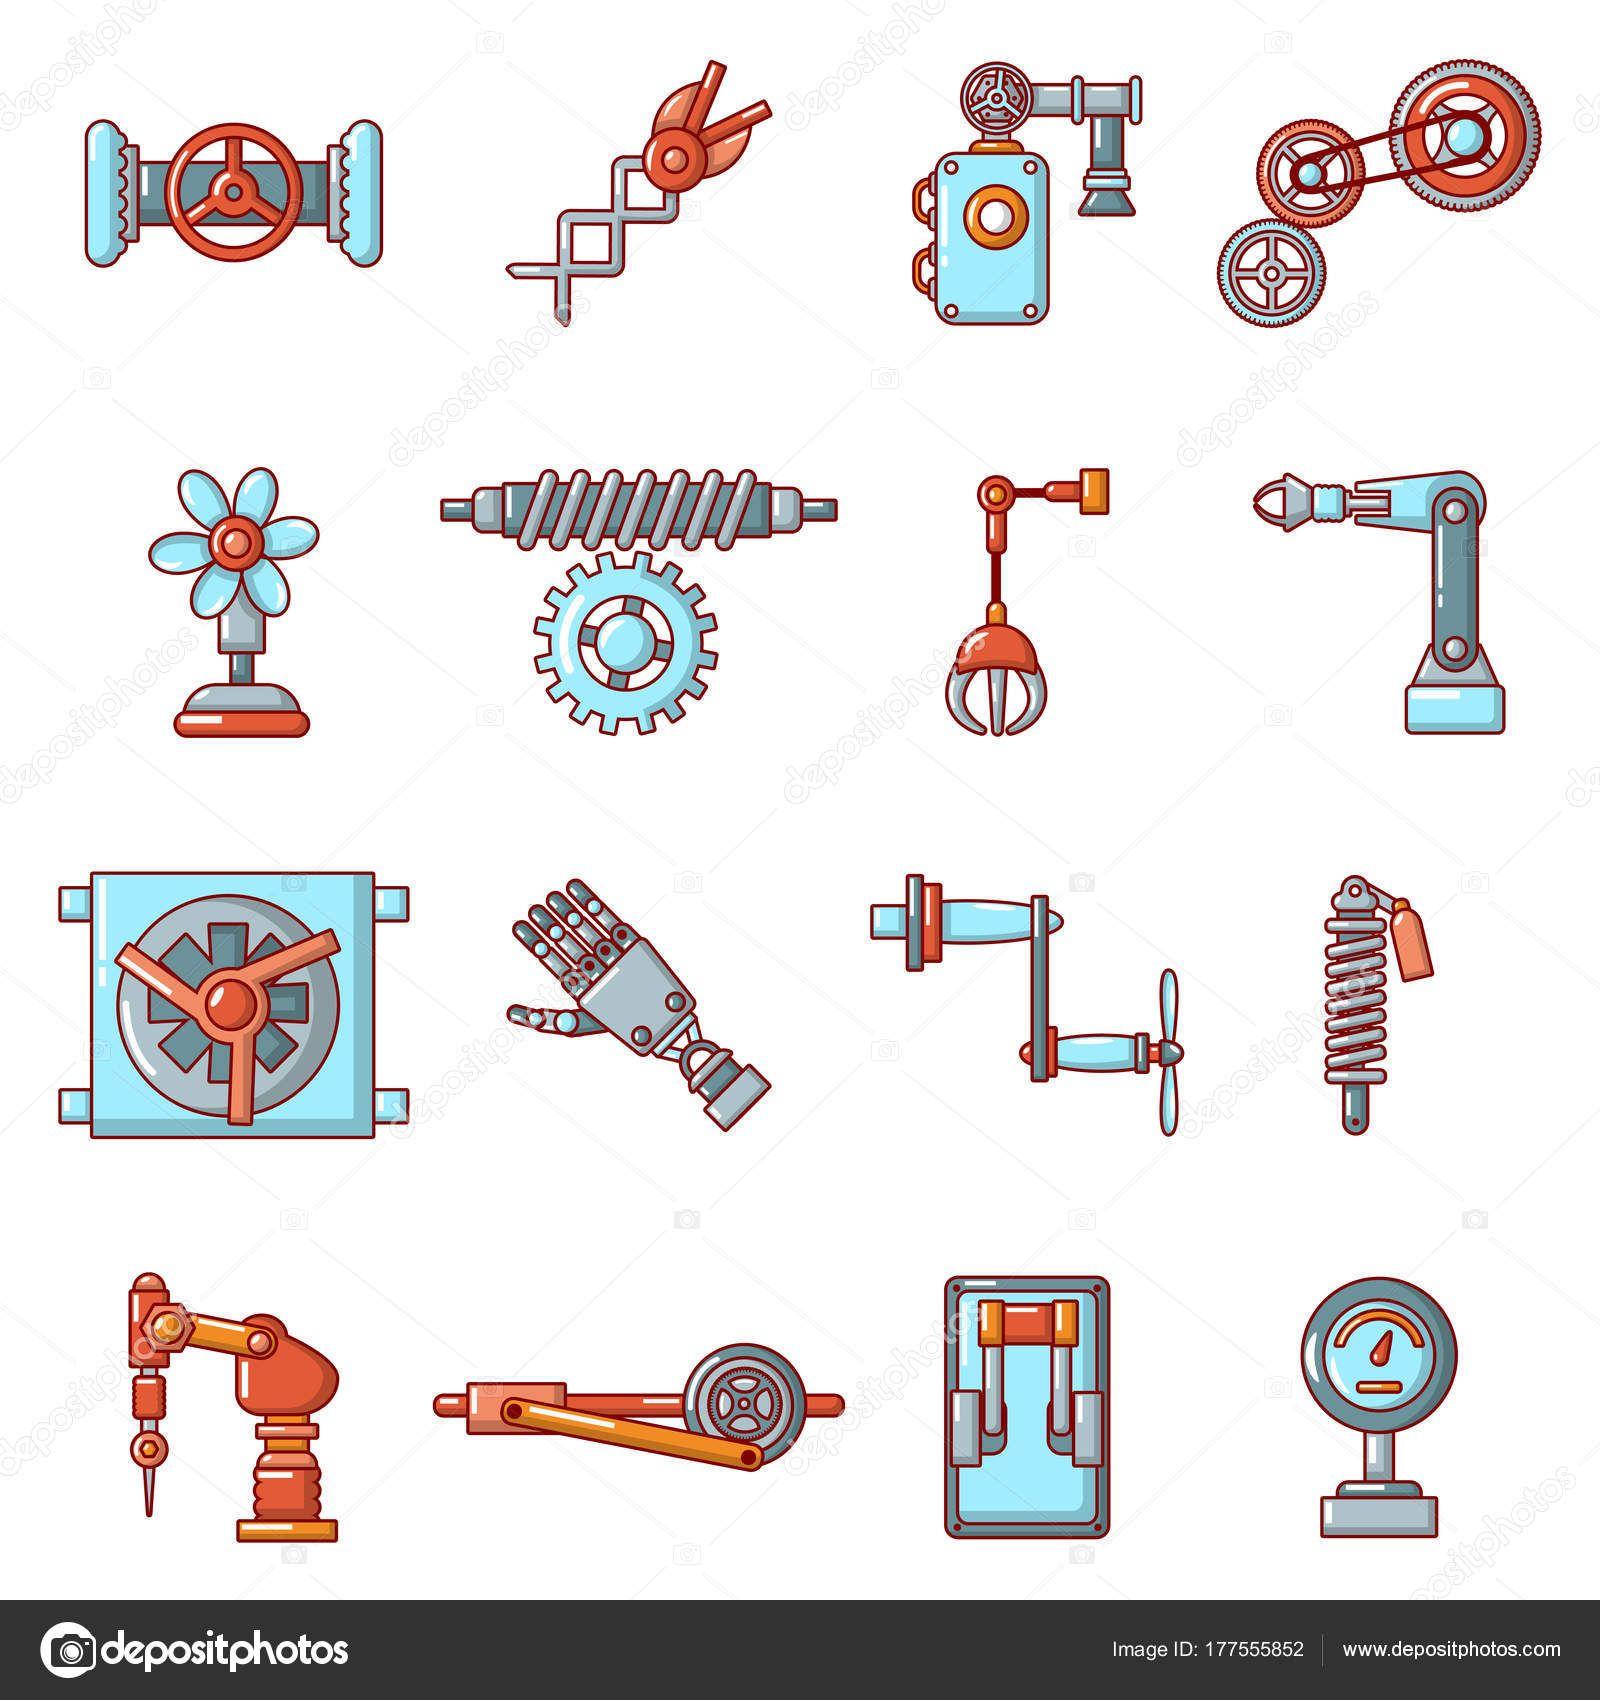 Descargar Conjunto De Iconos De Mecanismos Tecnicos Estilo De Dibujos Animados Ilustracion De Stock Conjunto De Iconos Estilos De Dibujo Iconos